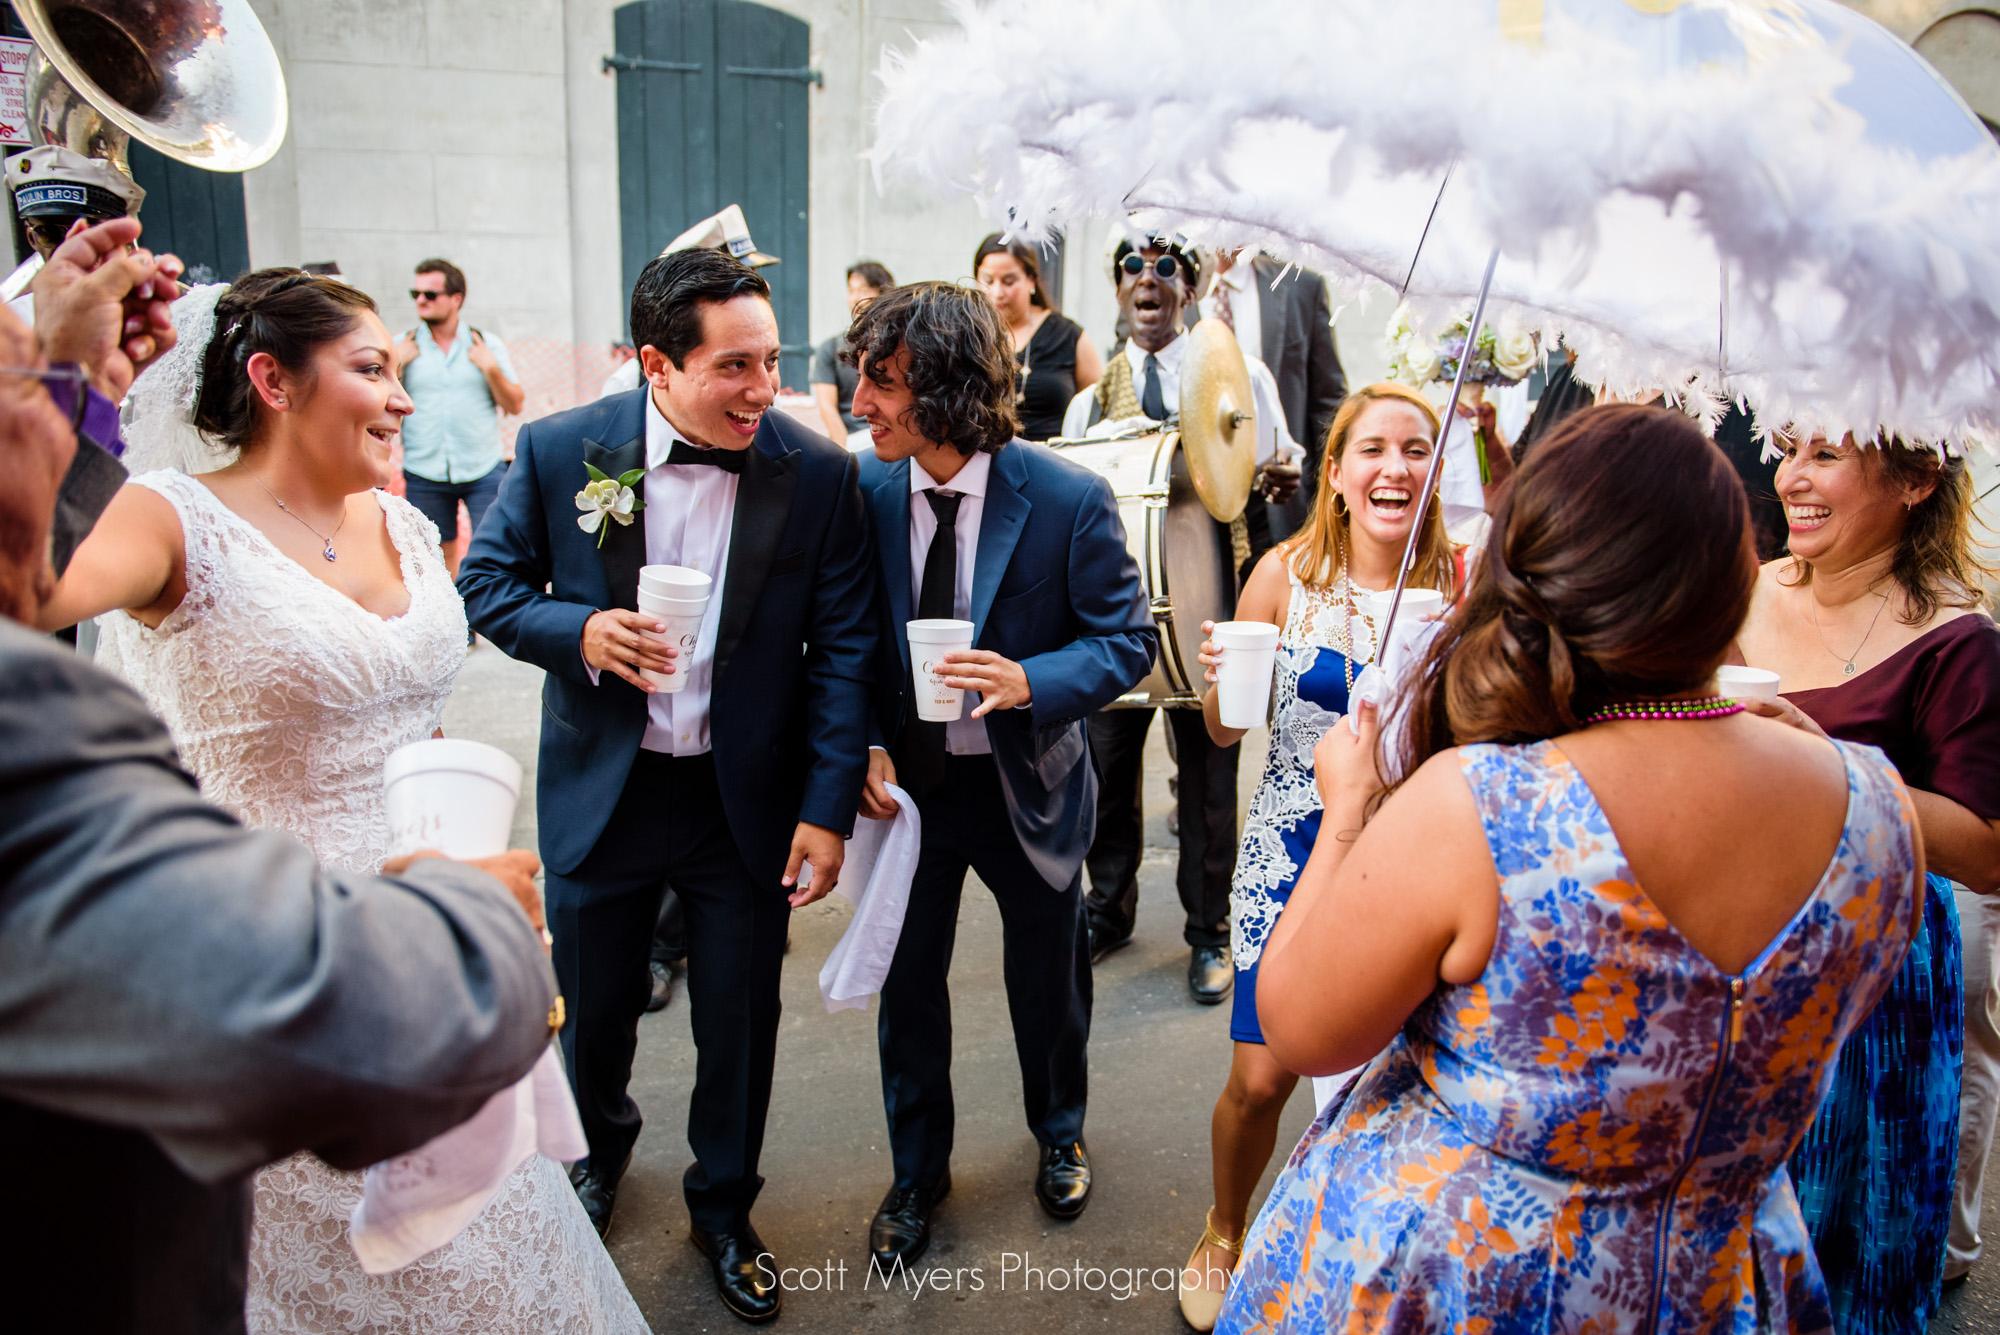 Scott_Myers_Wedding_New_Orleans_051.jpg